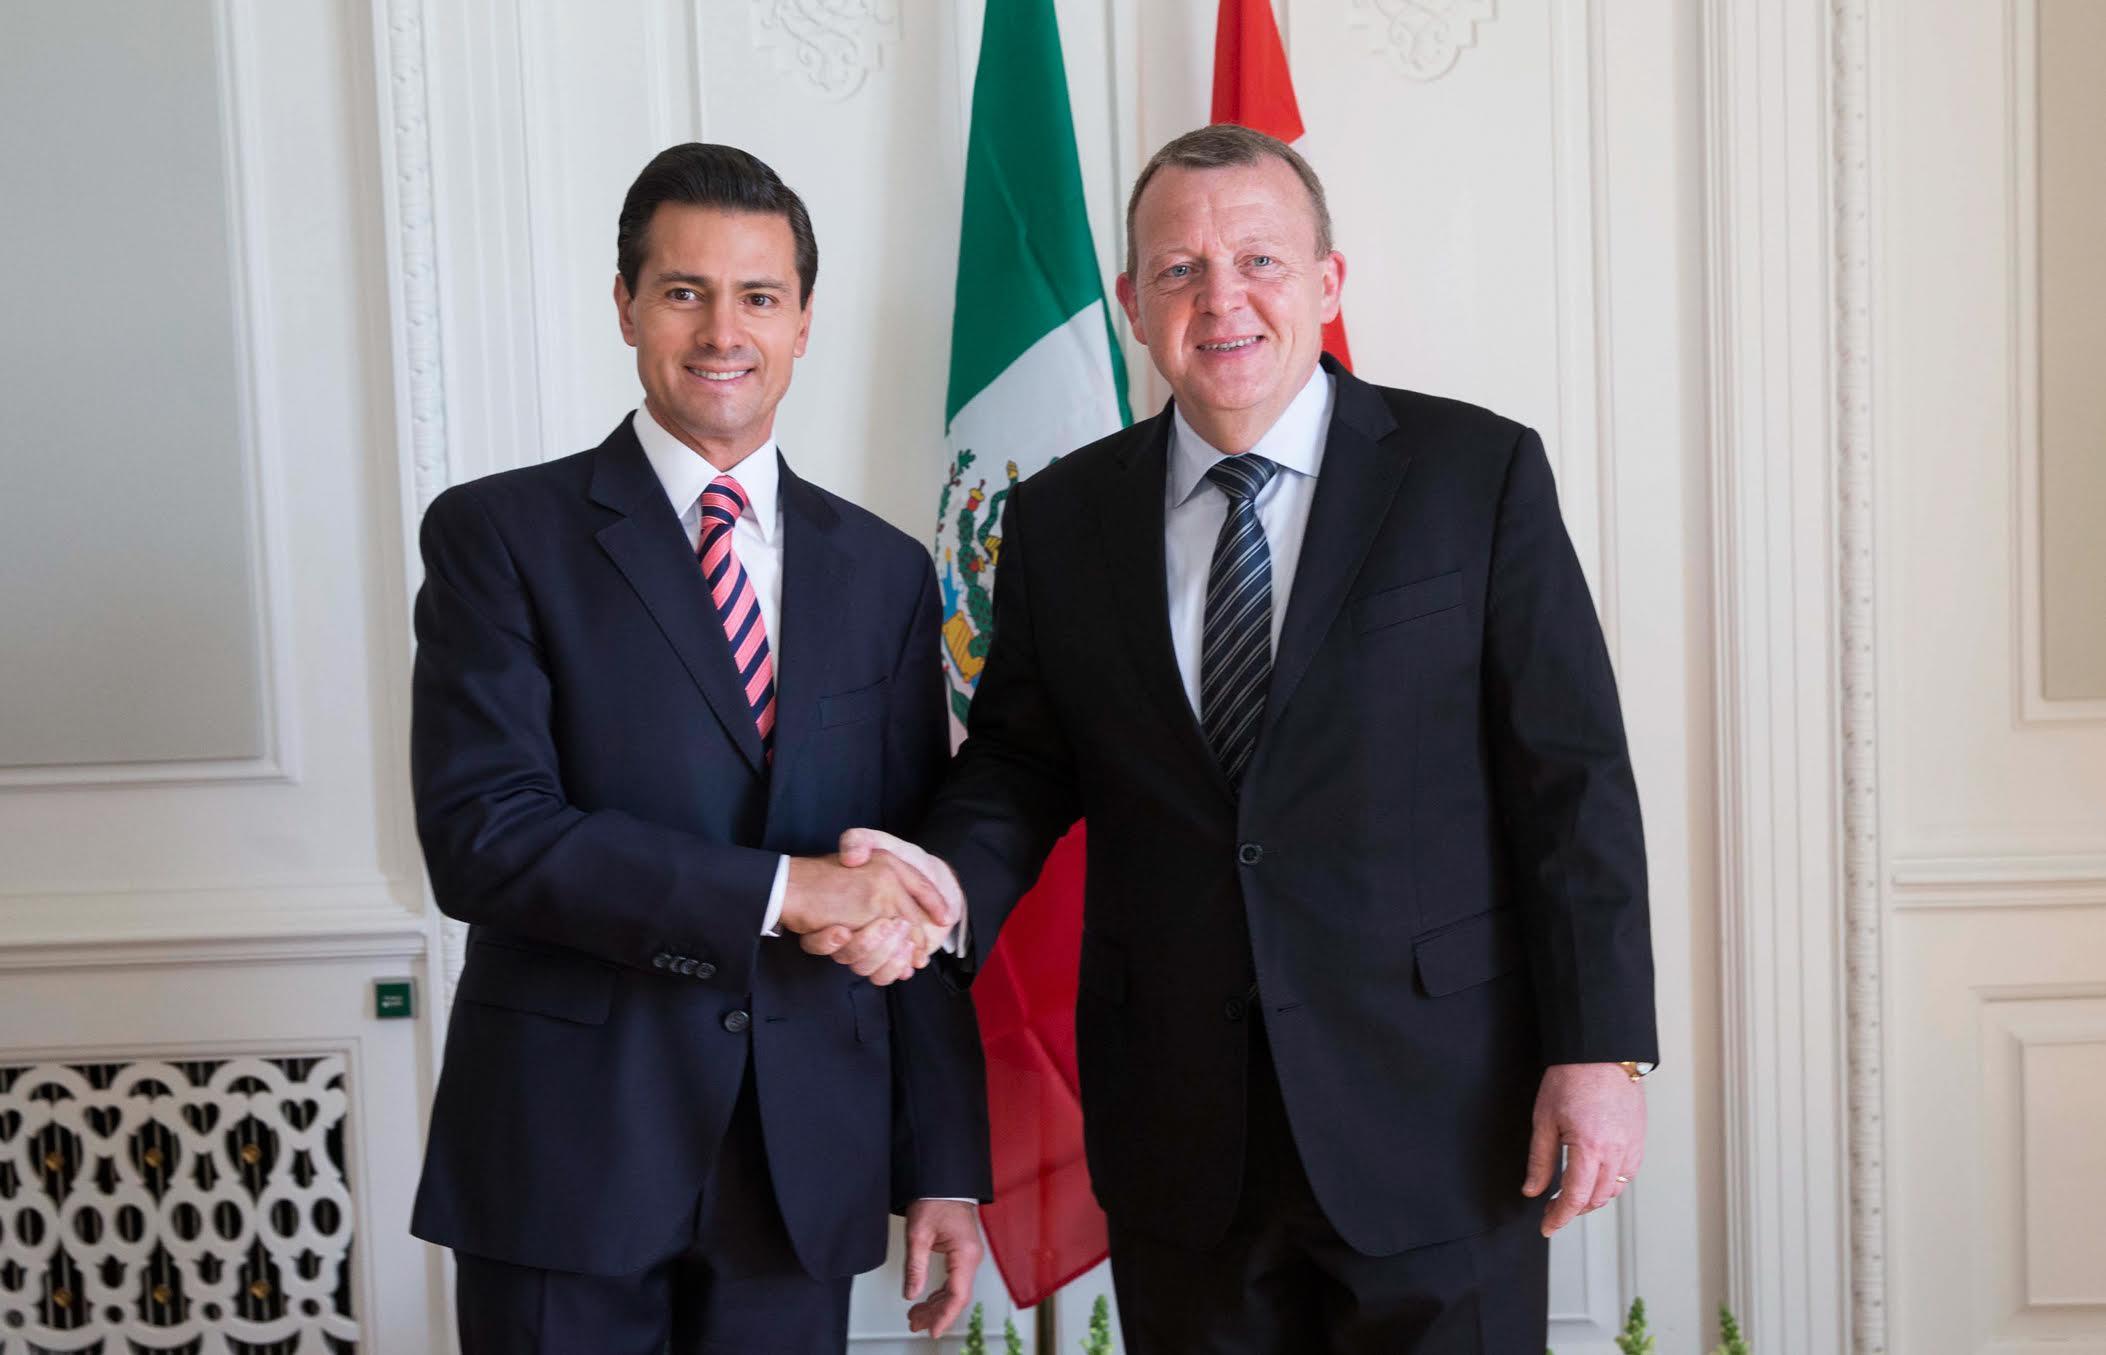 El Presidente Enrique Peña Nieto, y Primer Ministro de Dinamarca, Lars Lokke Rasmussen.